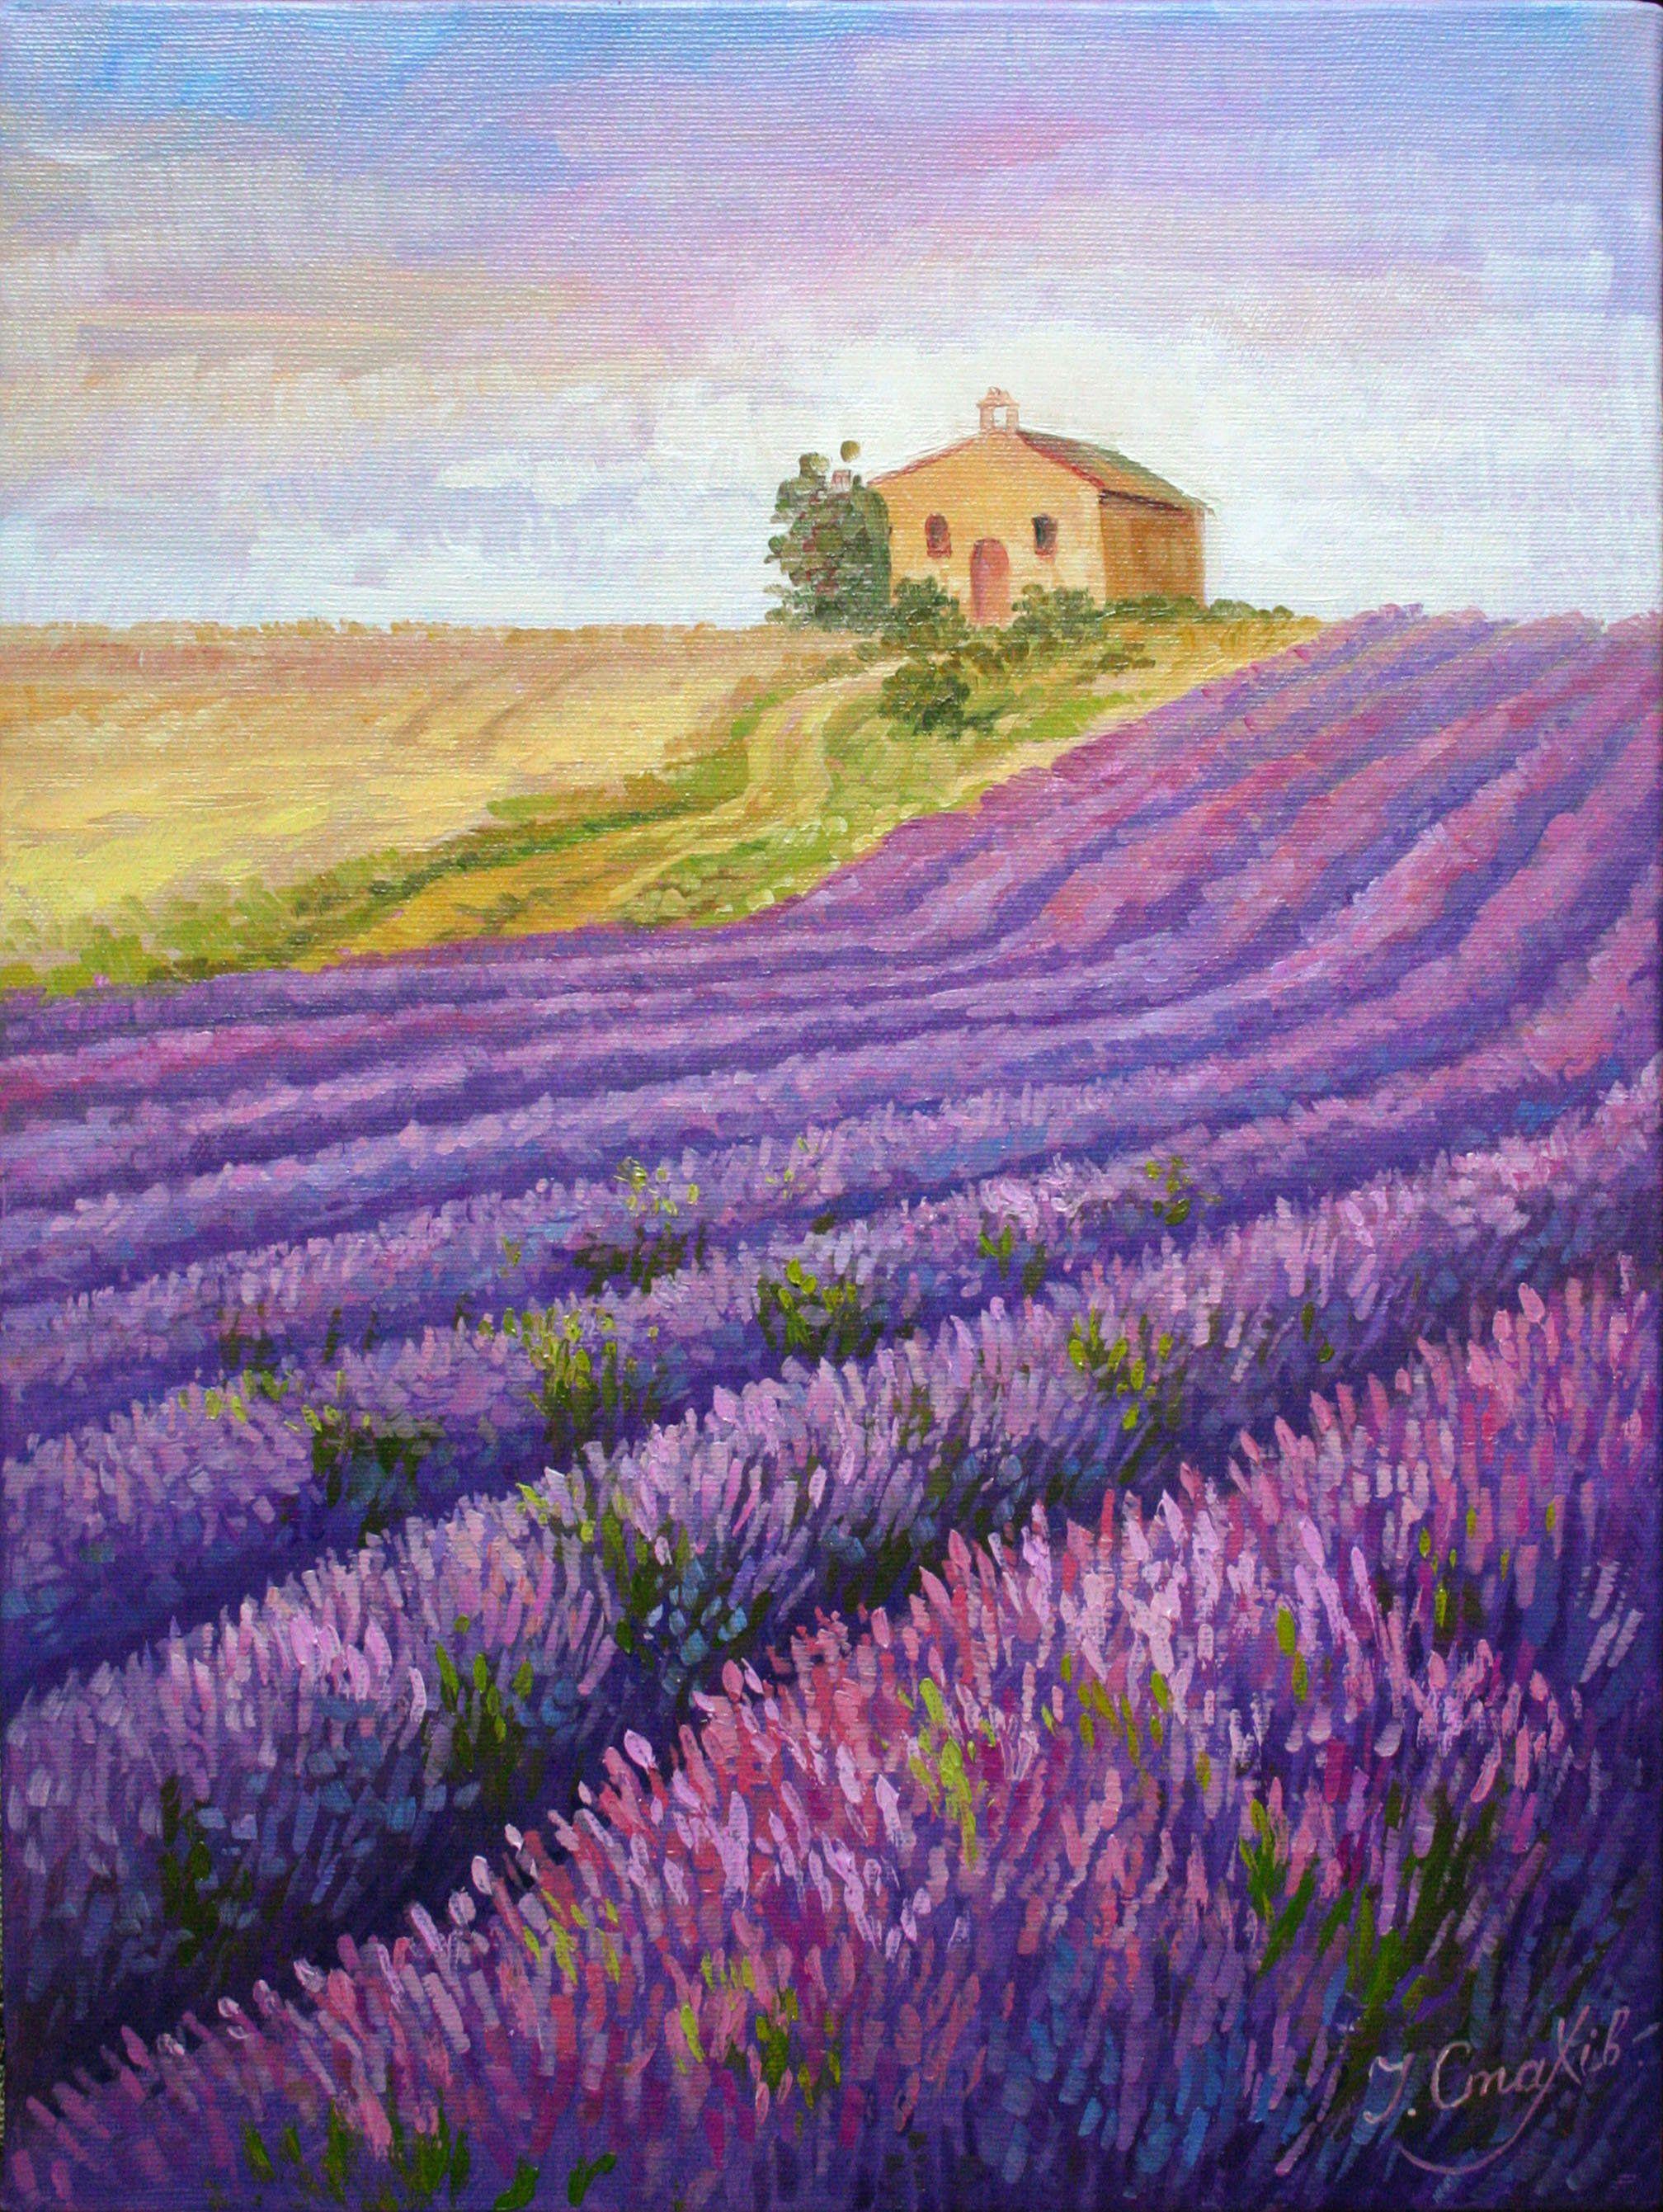 Lavender Field Painting Etsy Landscape Art Quilts Landscape Drawings Field Paint